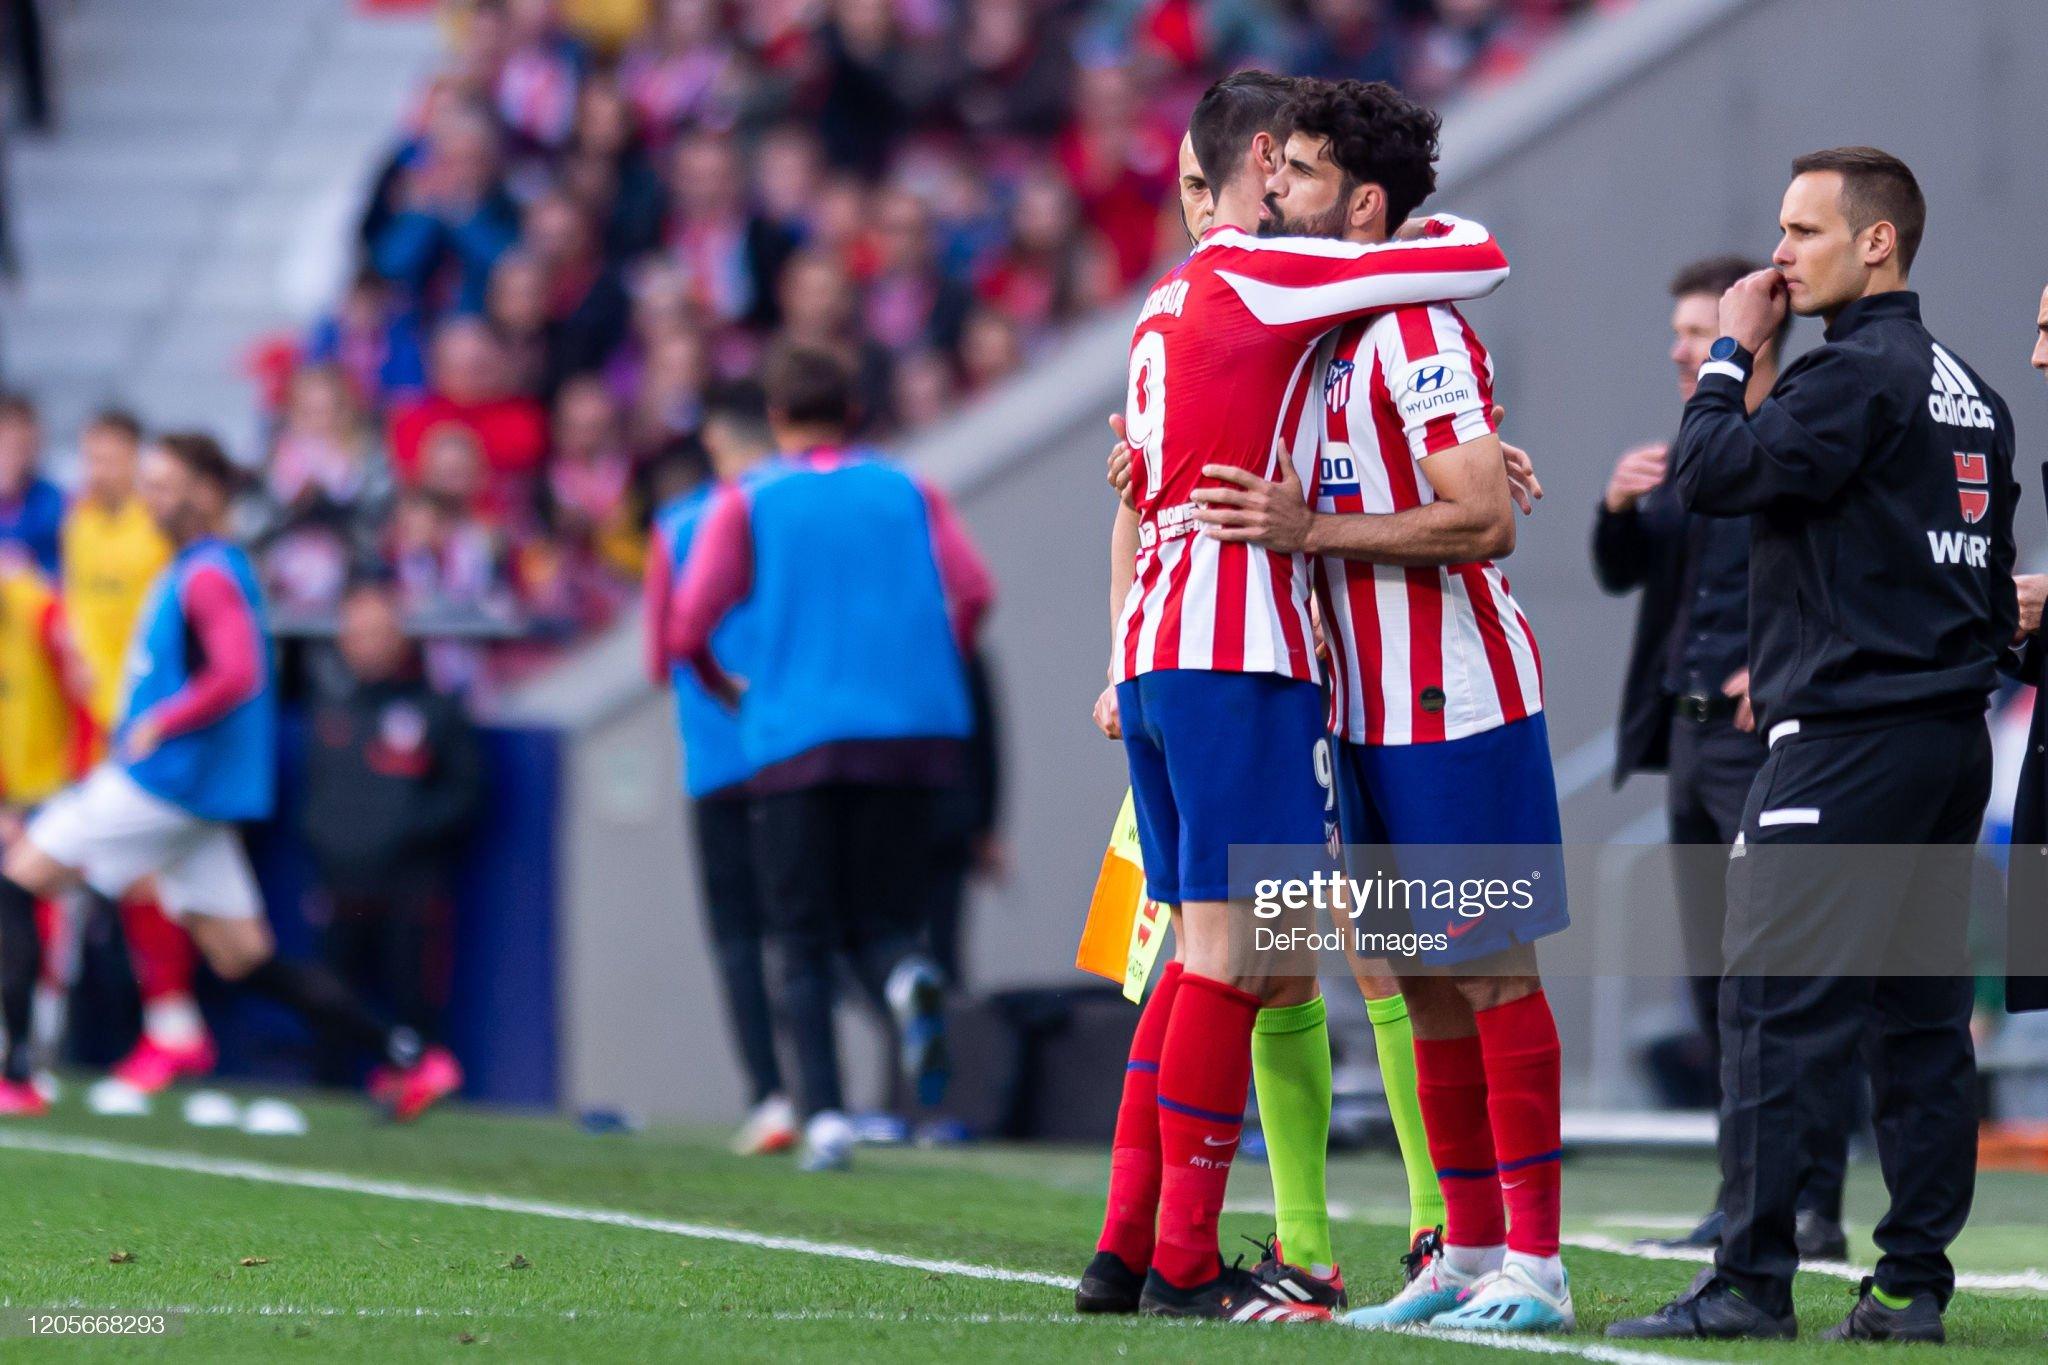 ¿Cuánto mide Álvaro Morata? - Altura - Real height Diego-costa-of-atletico-de-madrid-substitutes-alvaro-morata-of-de-picture-id1205668293?s=2048x2048